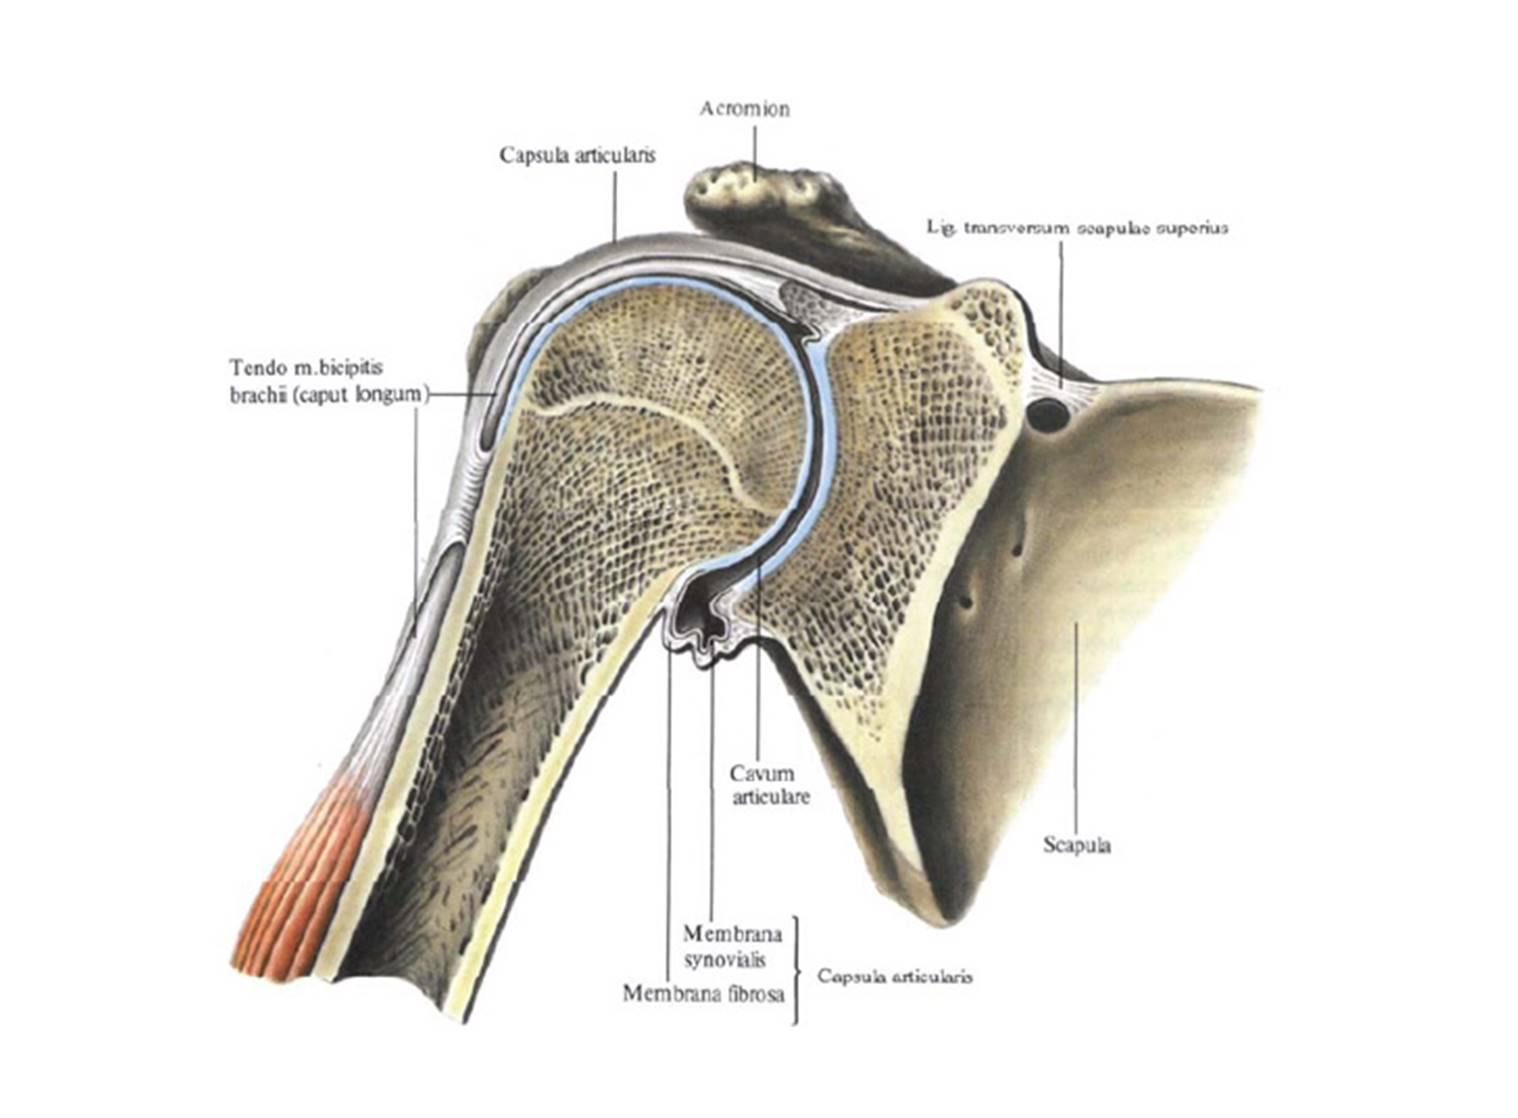 Сколько осей вращения имеет плечевой сустав днепропетровск больница мечникова замена сустава